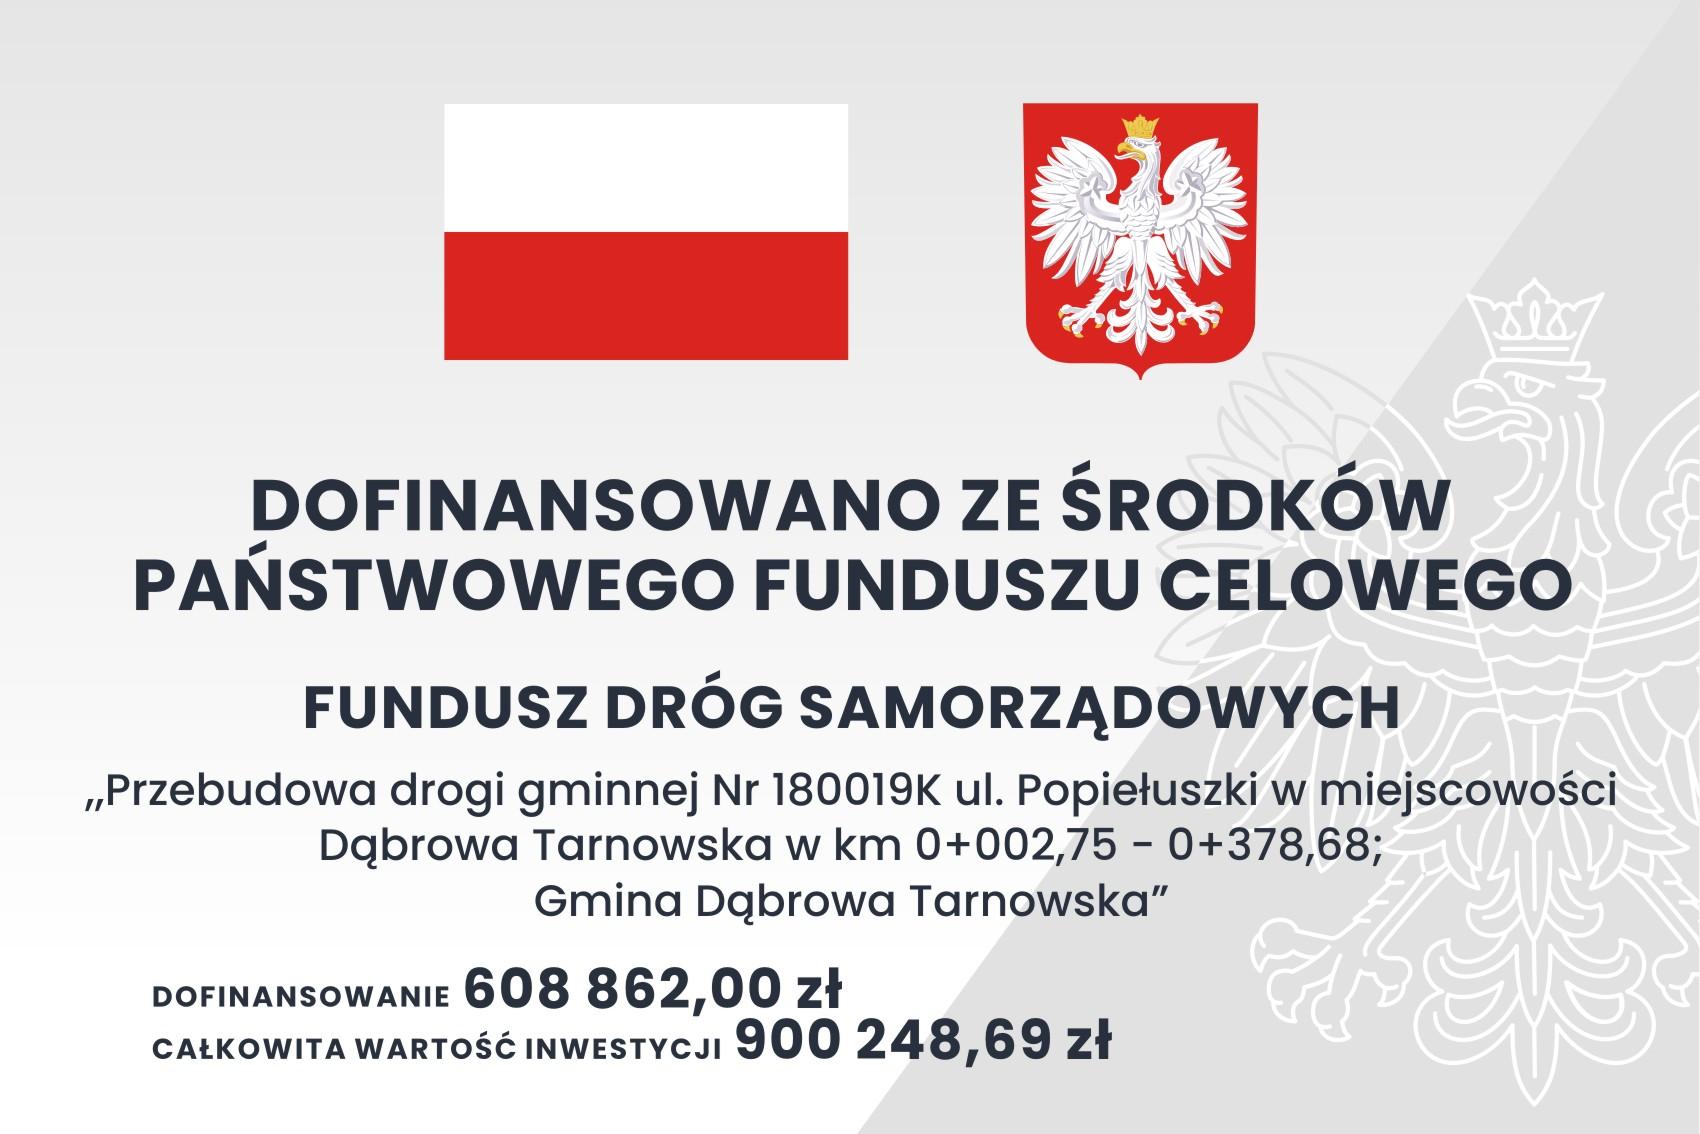 tablica2 FDS 2szt <cent />Fundusz Dróg Samorządowych<br>w Gminie Dąbrowa Tarnowska</center>